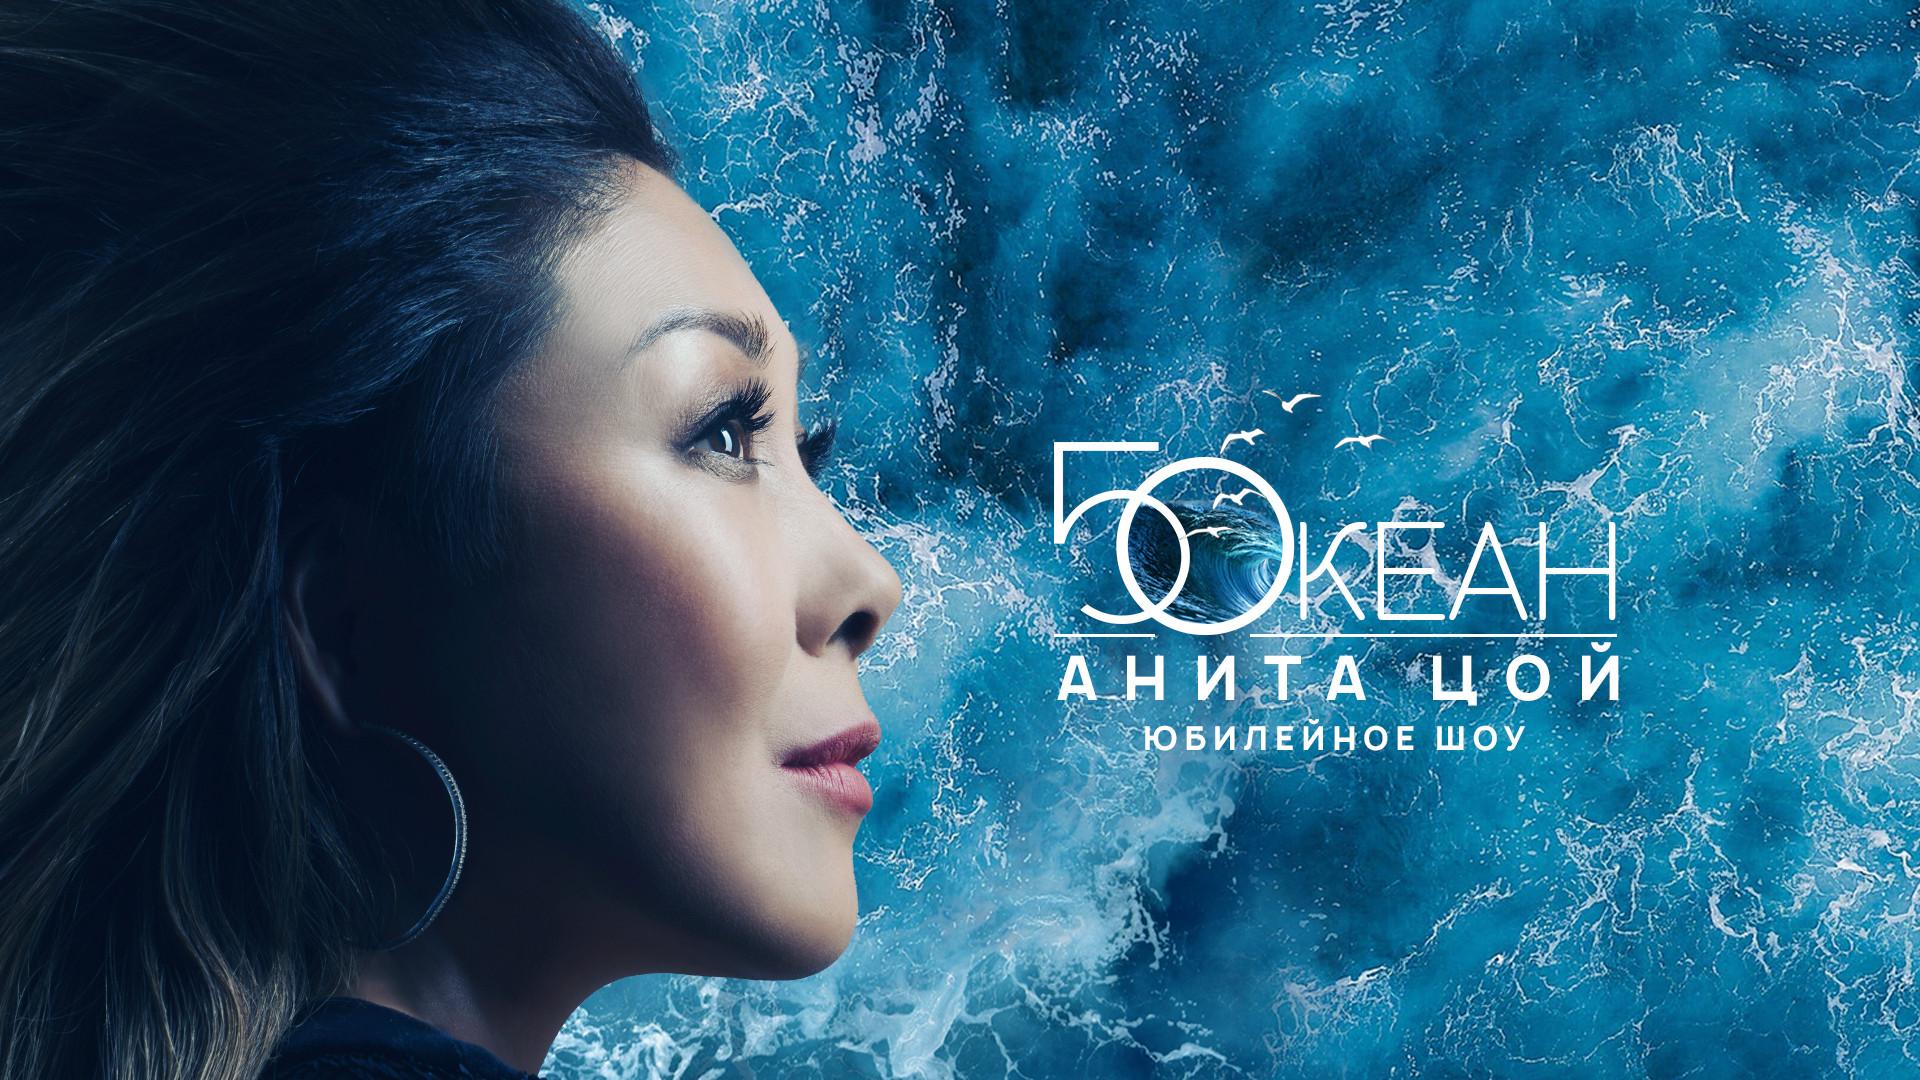 """Анита Цой. Юбилейное шоу """"Пятый океан""""."""